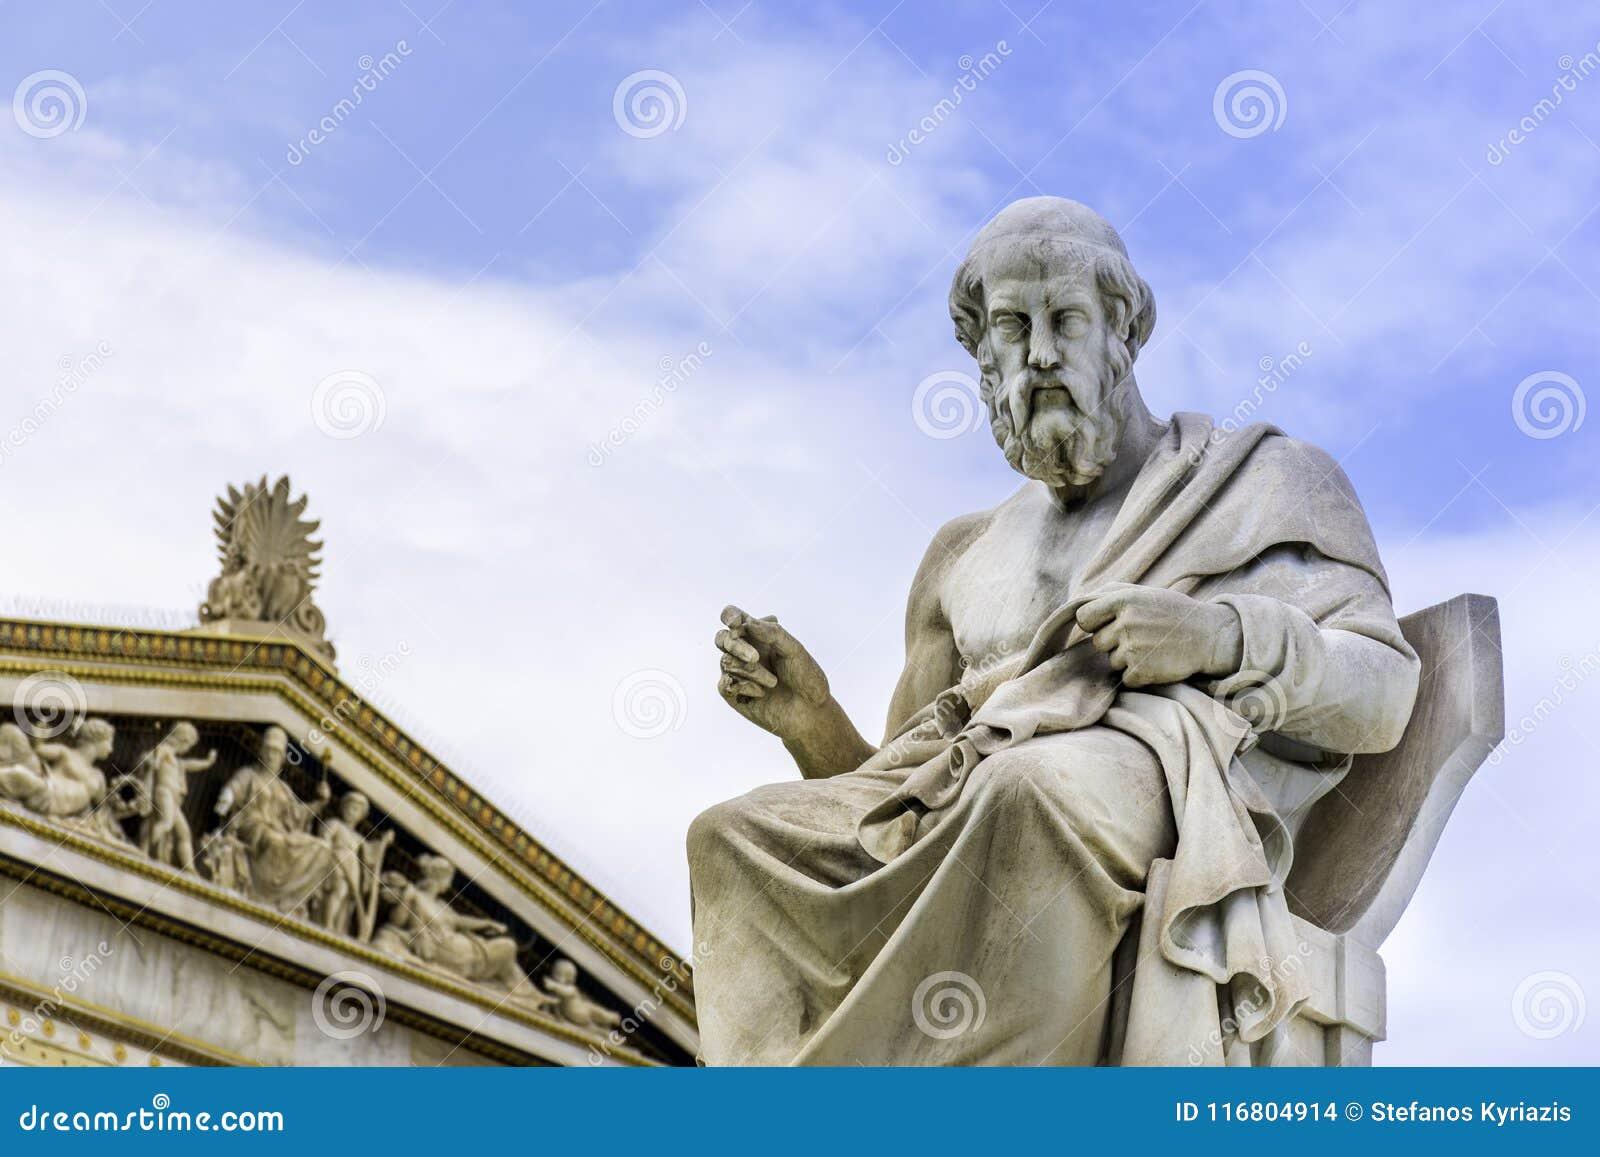 Statua del filosofo Plato del greco antico a Atene